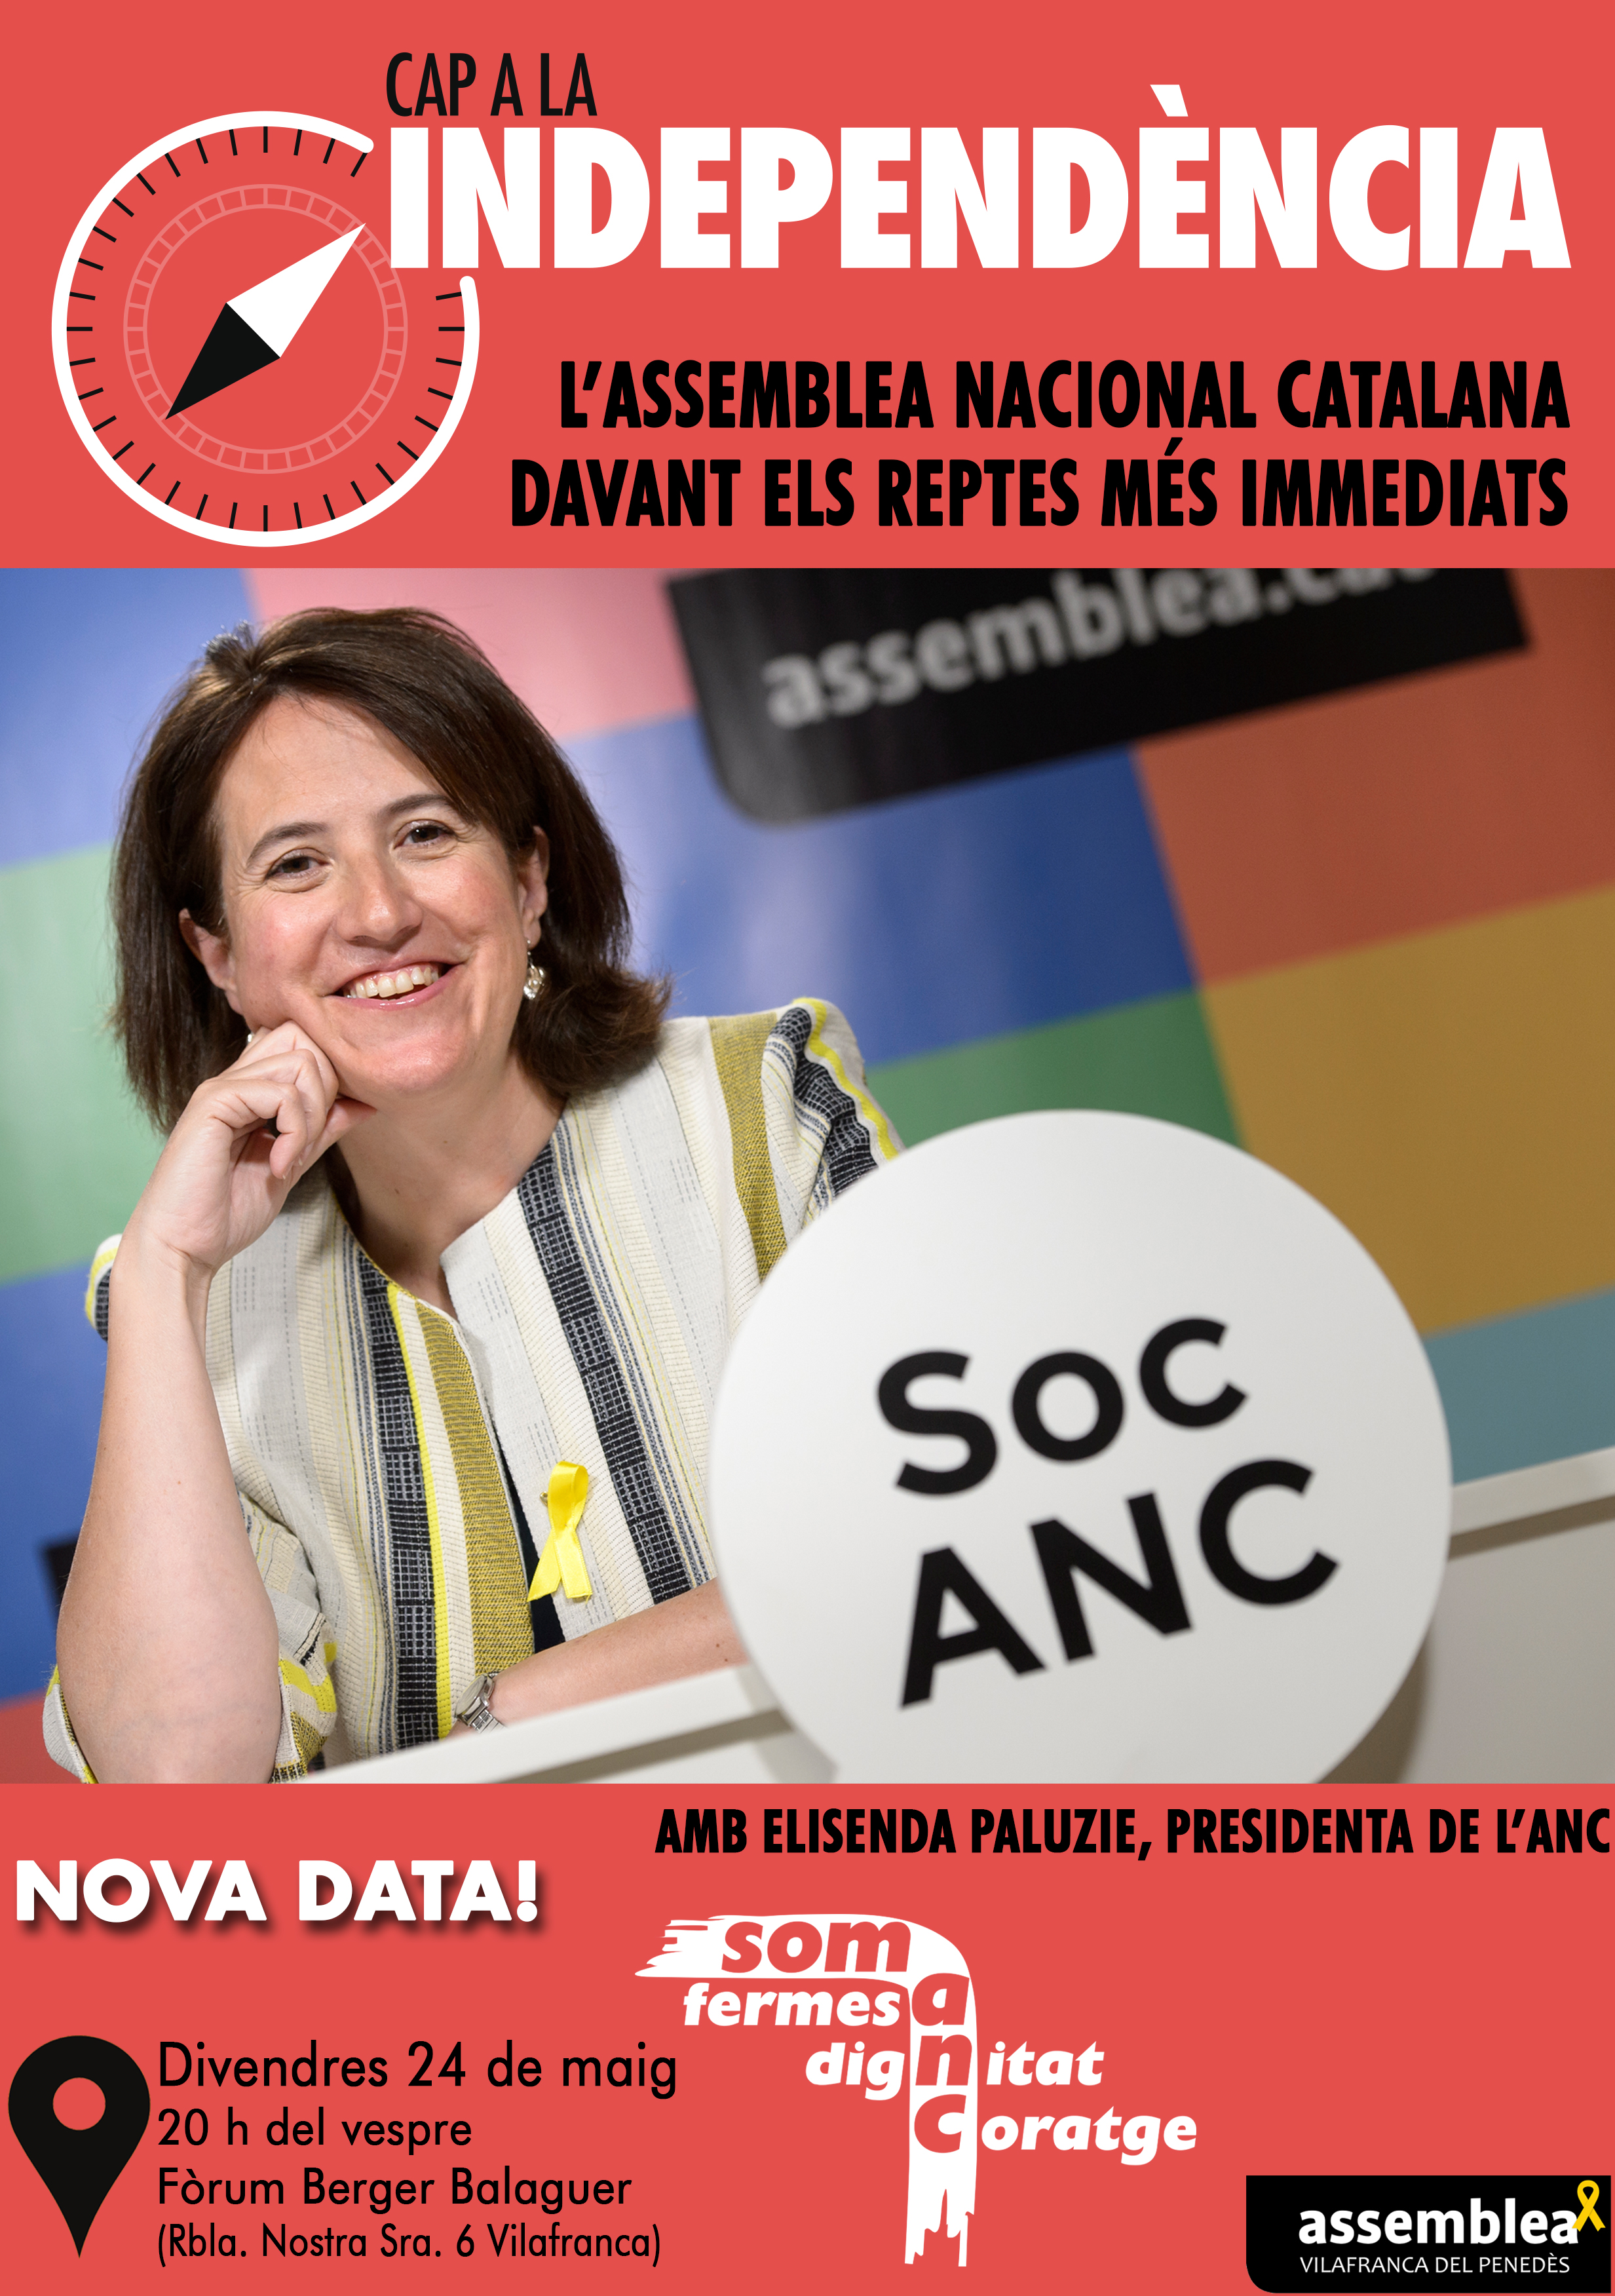 L'Assemblea Nacional Catalana davant els reptes més immediats